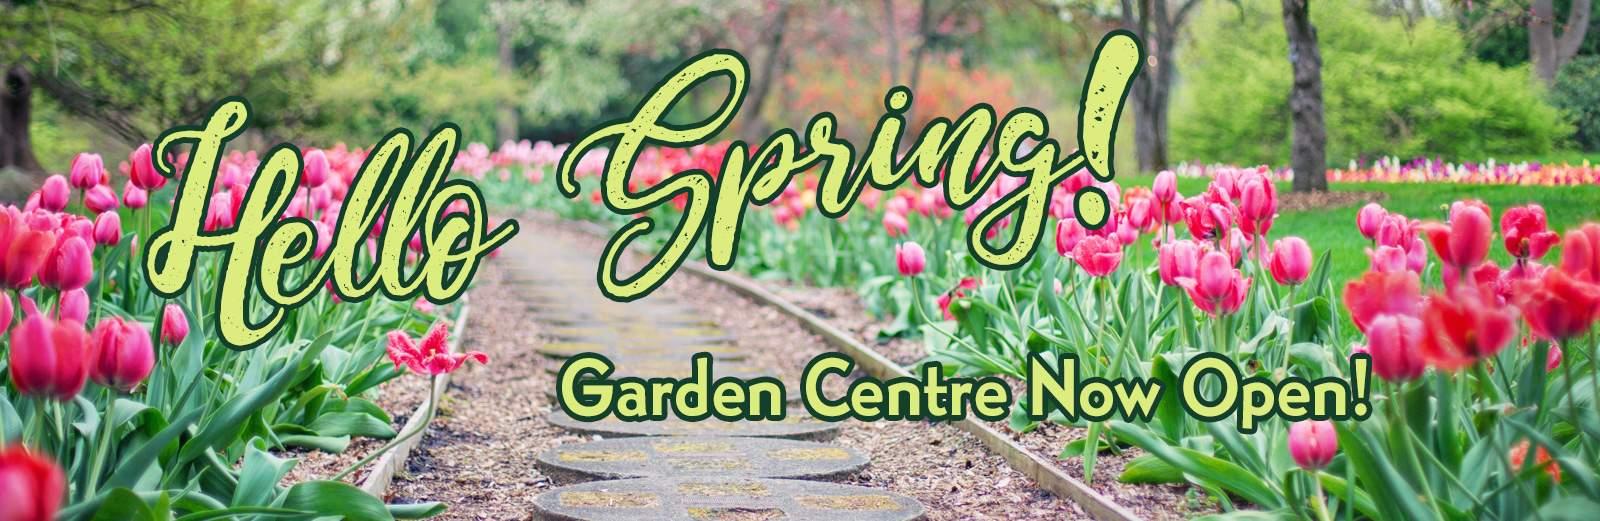 The Garden Centre is Open!